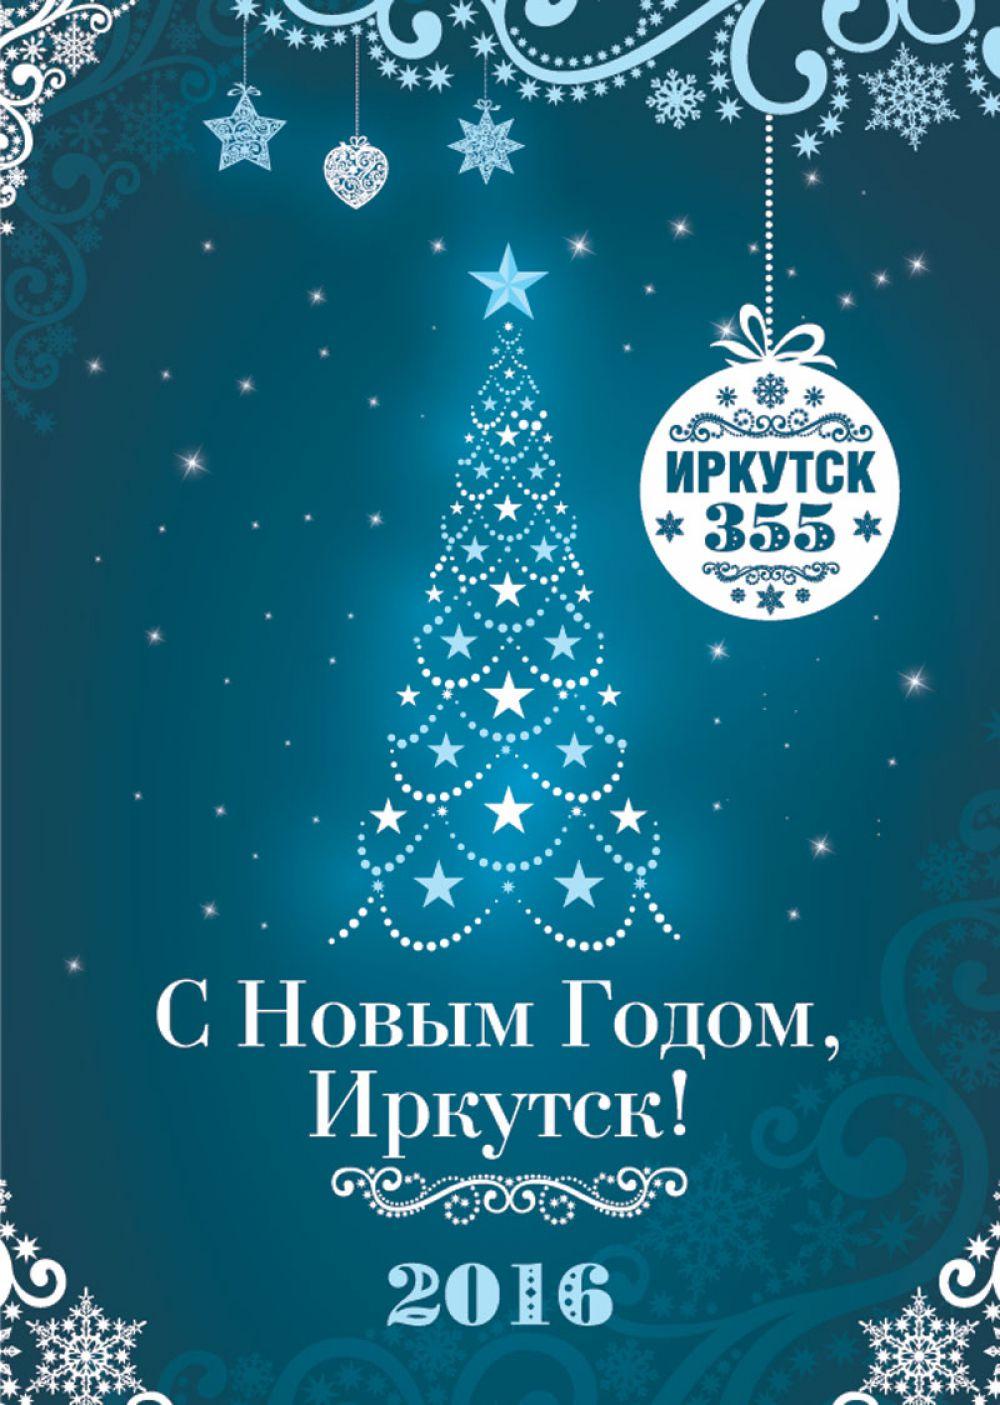 А вот елка, судя по этому эскизу со звездами, останется той самой, которая монтируется в Иркутске уже несколько лет подряд.